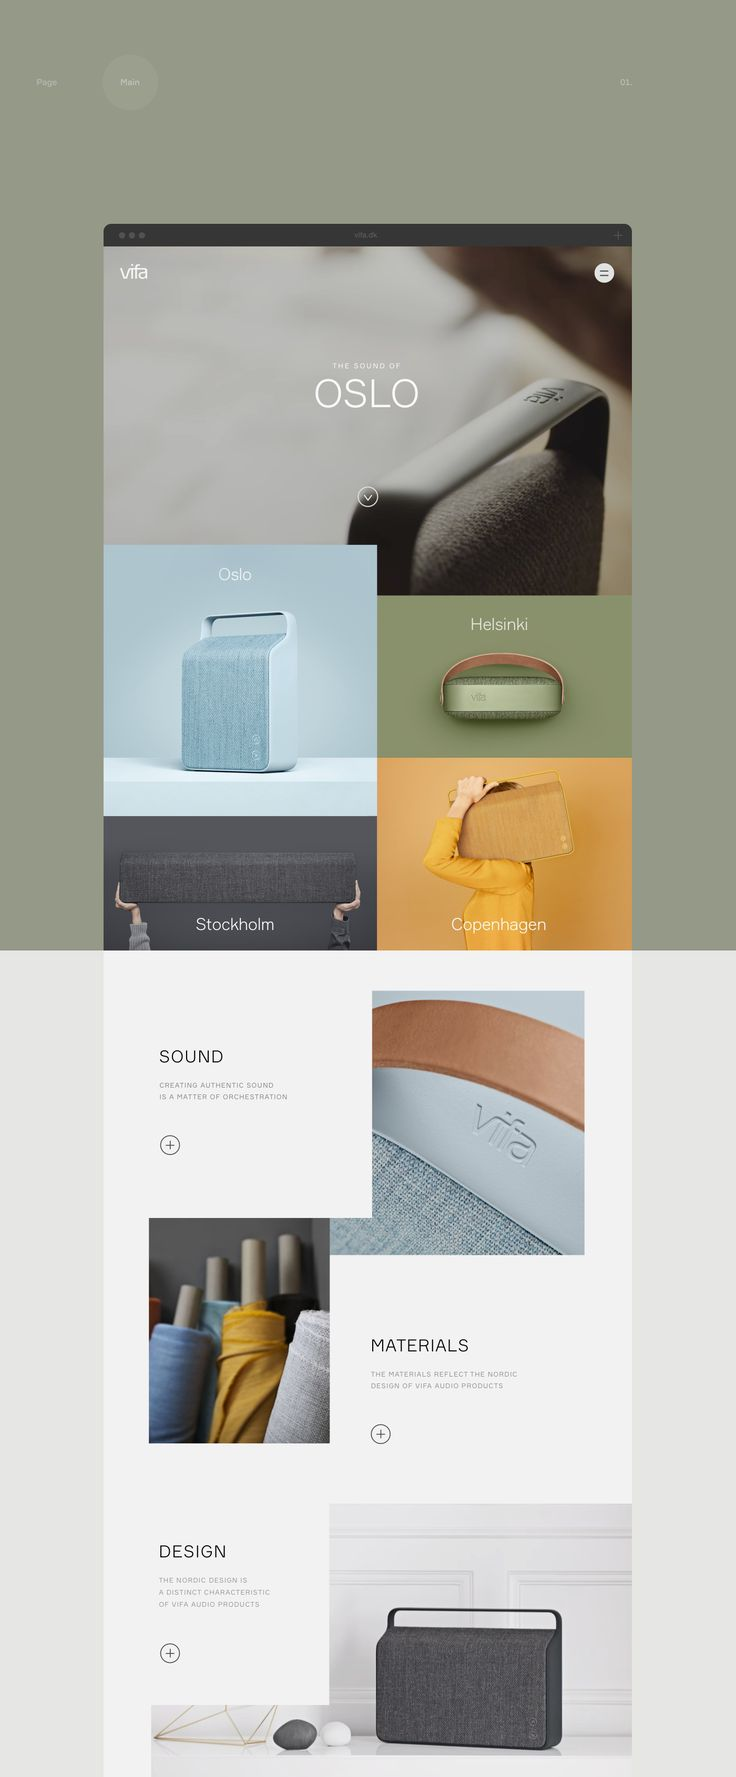 Ознакомьтесь с этим проектом @Behance: «Vifa » https://www.behance.net/gallery/52260147/Vifa